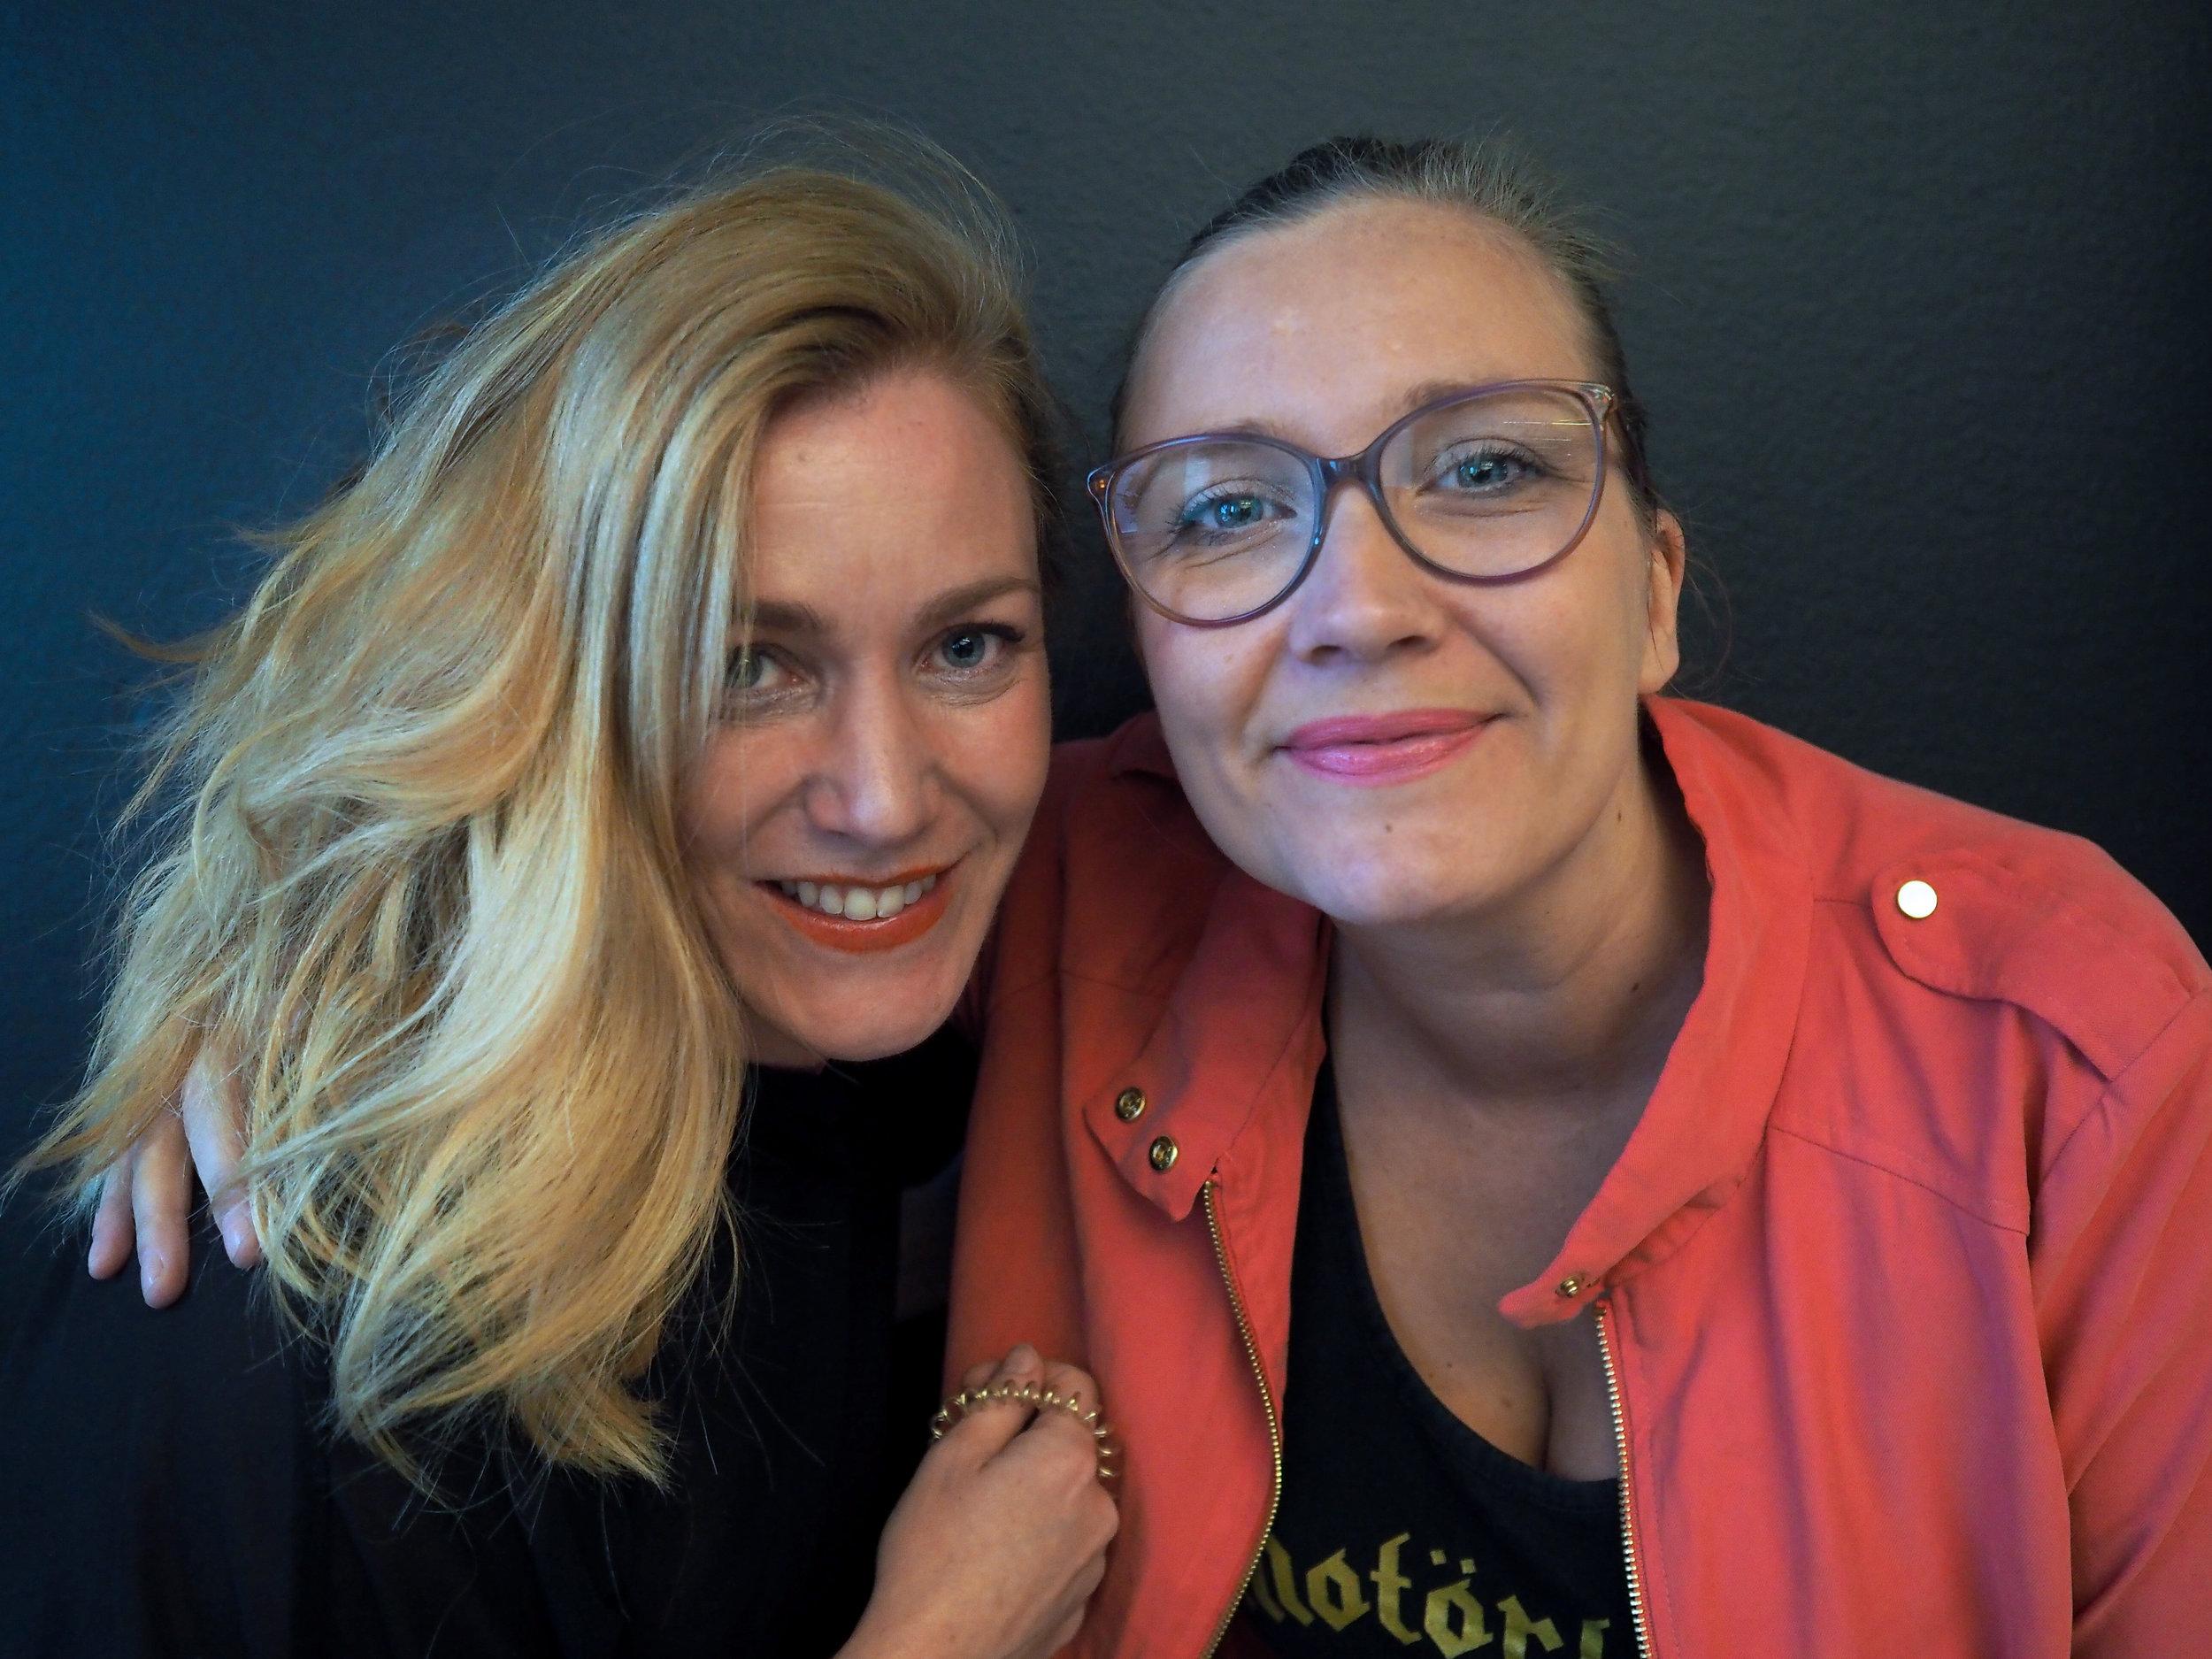 Karin (left), me (right)